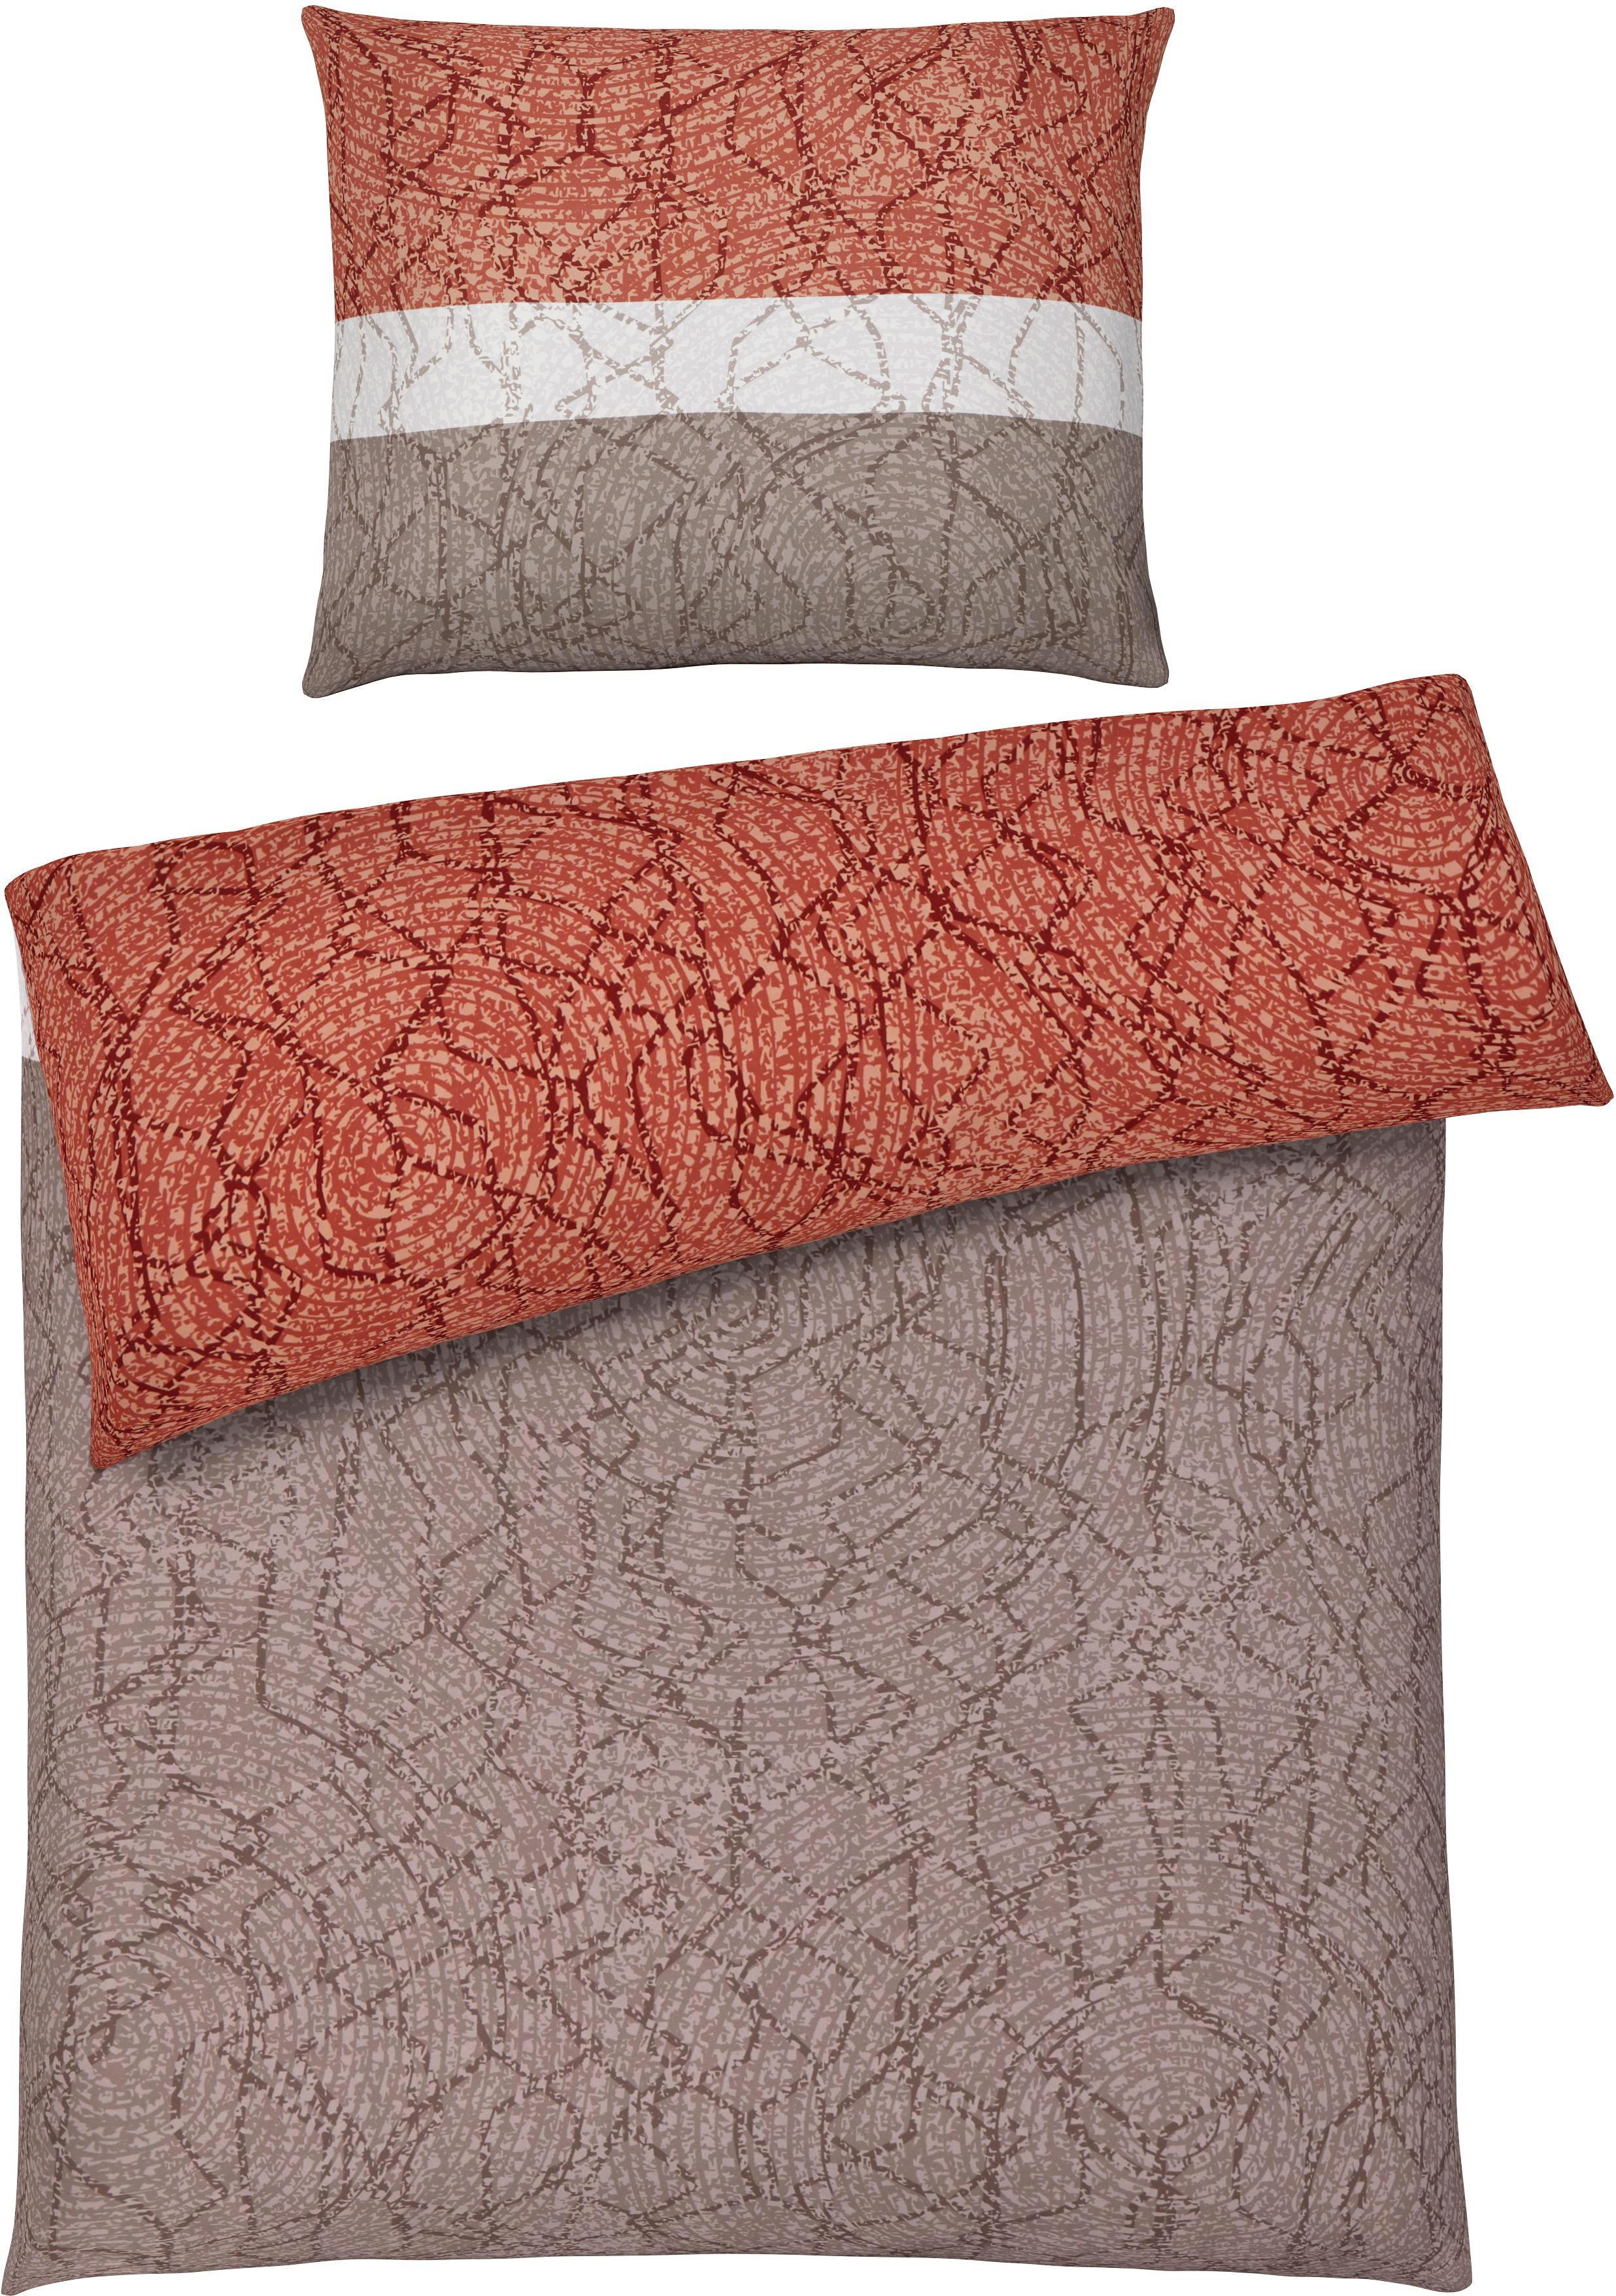 POVLEČENÍ - šedohnědá, Moderní, textil (140/200cm) - AMBIENTE